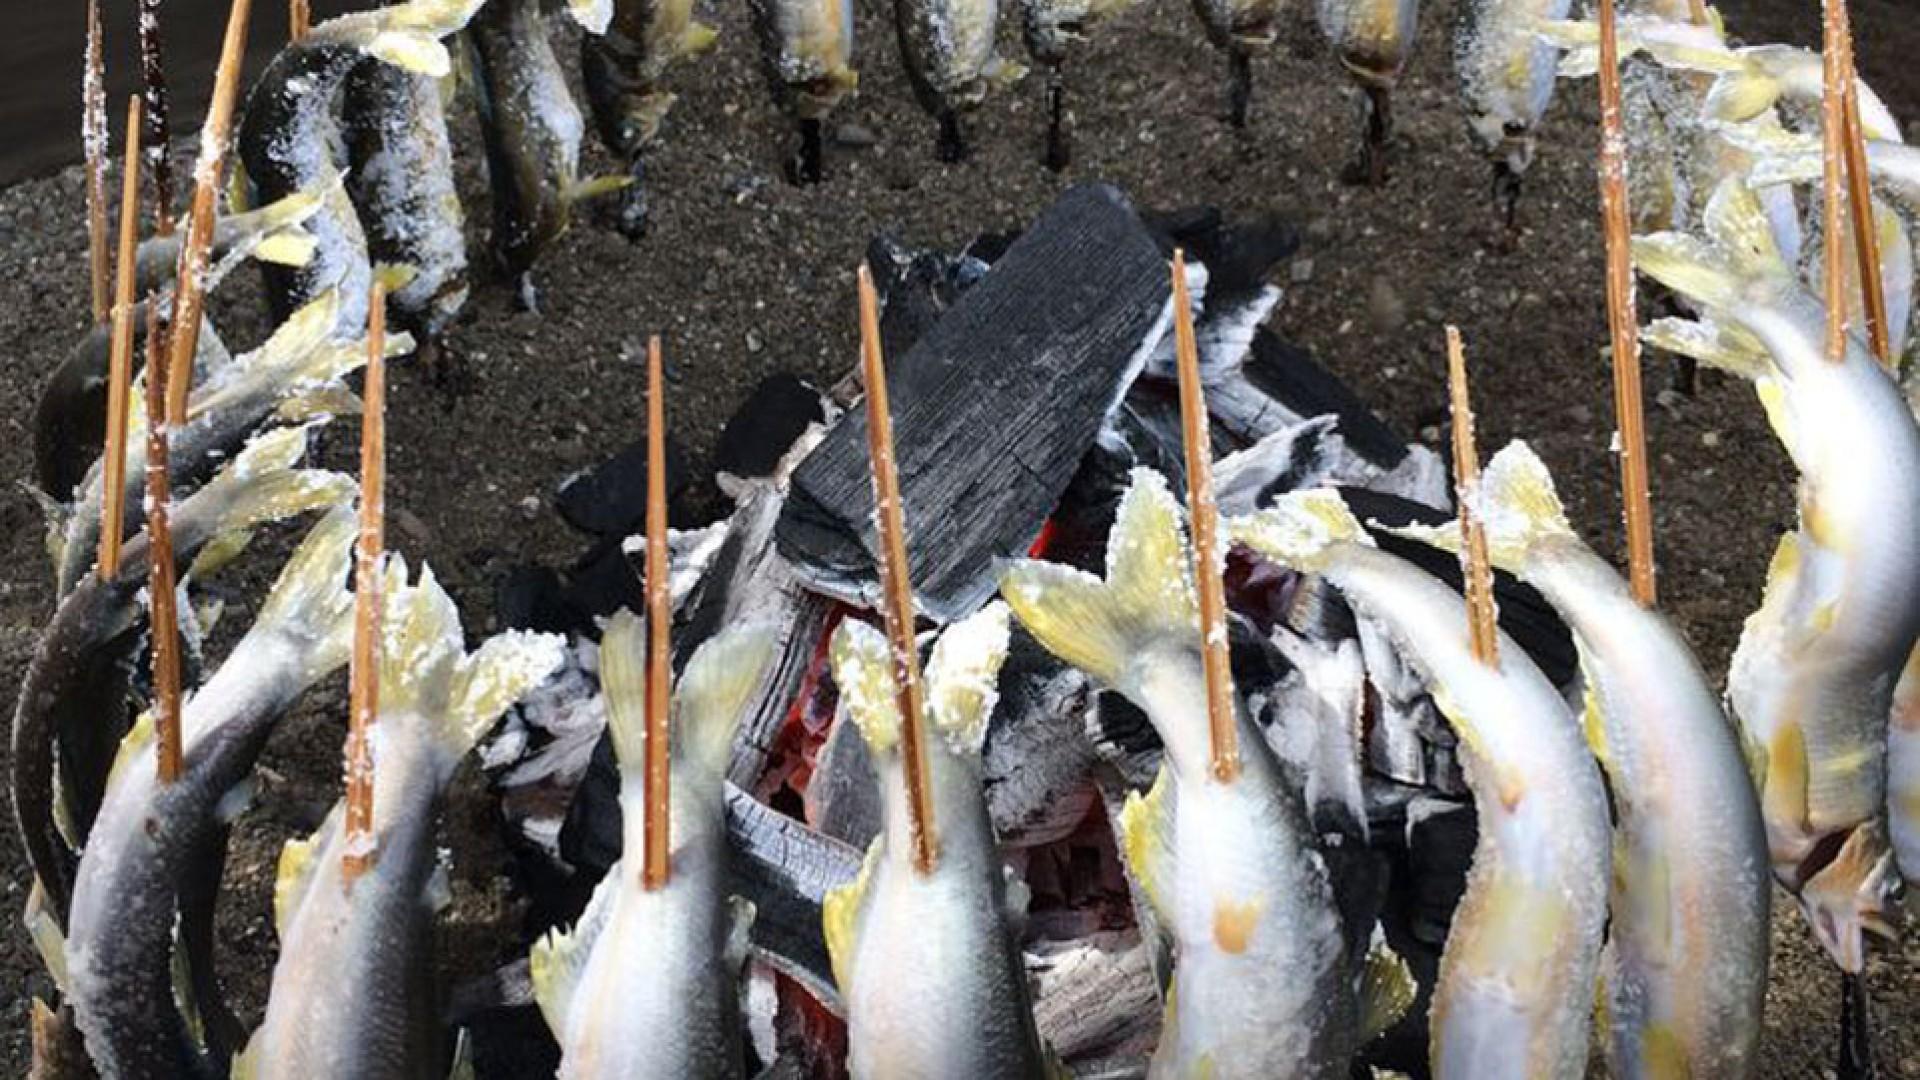 Ẩm thực Ayu (sweetfish)